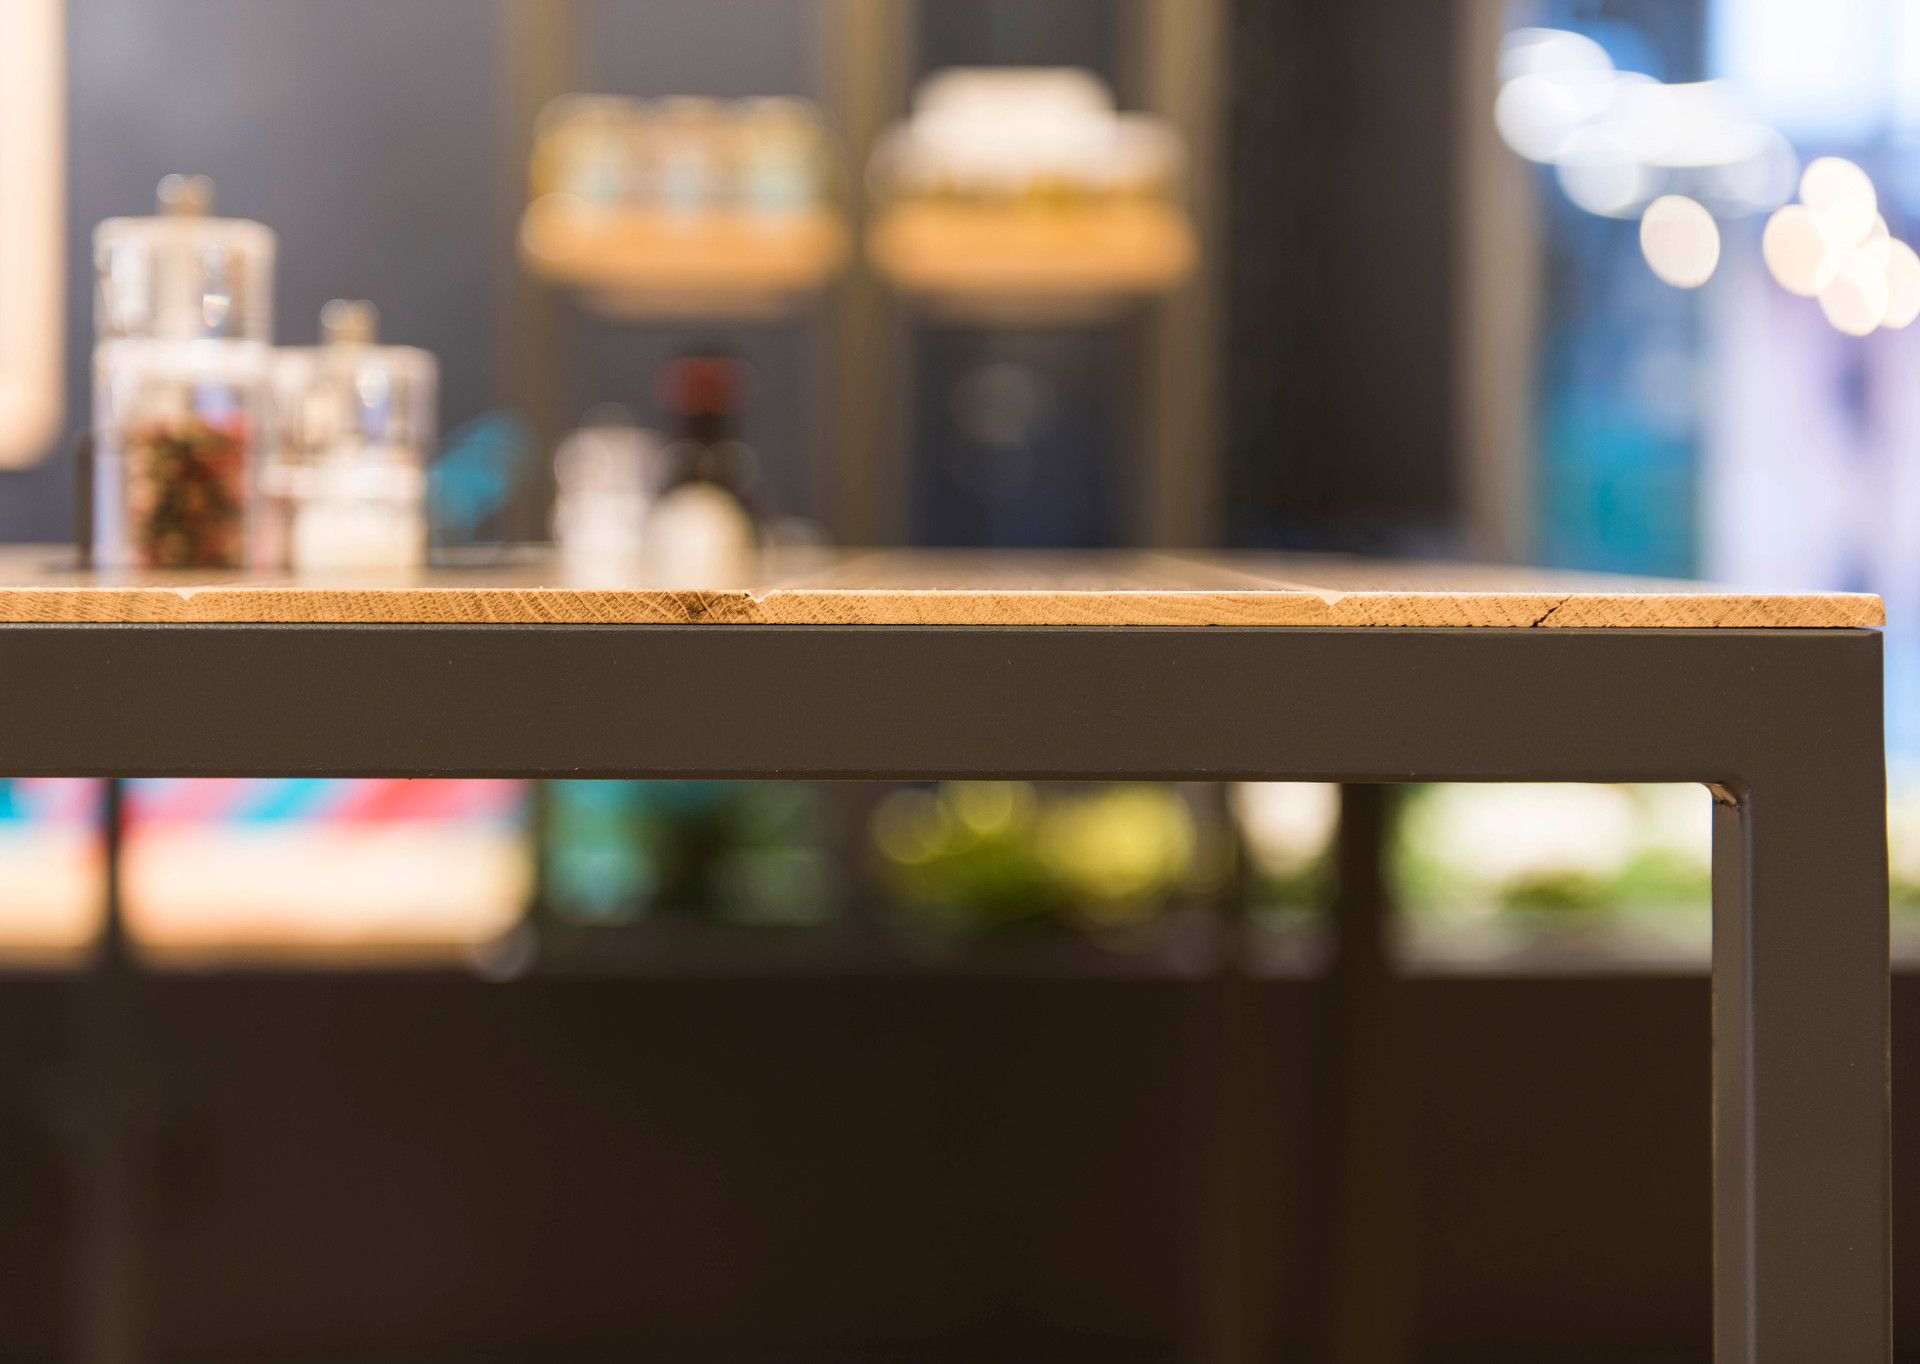 dettaglio tavolo I table detail